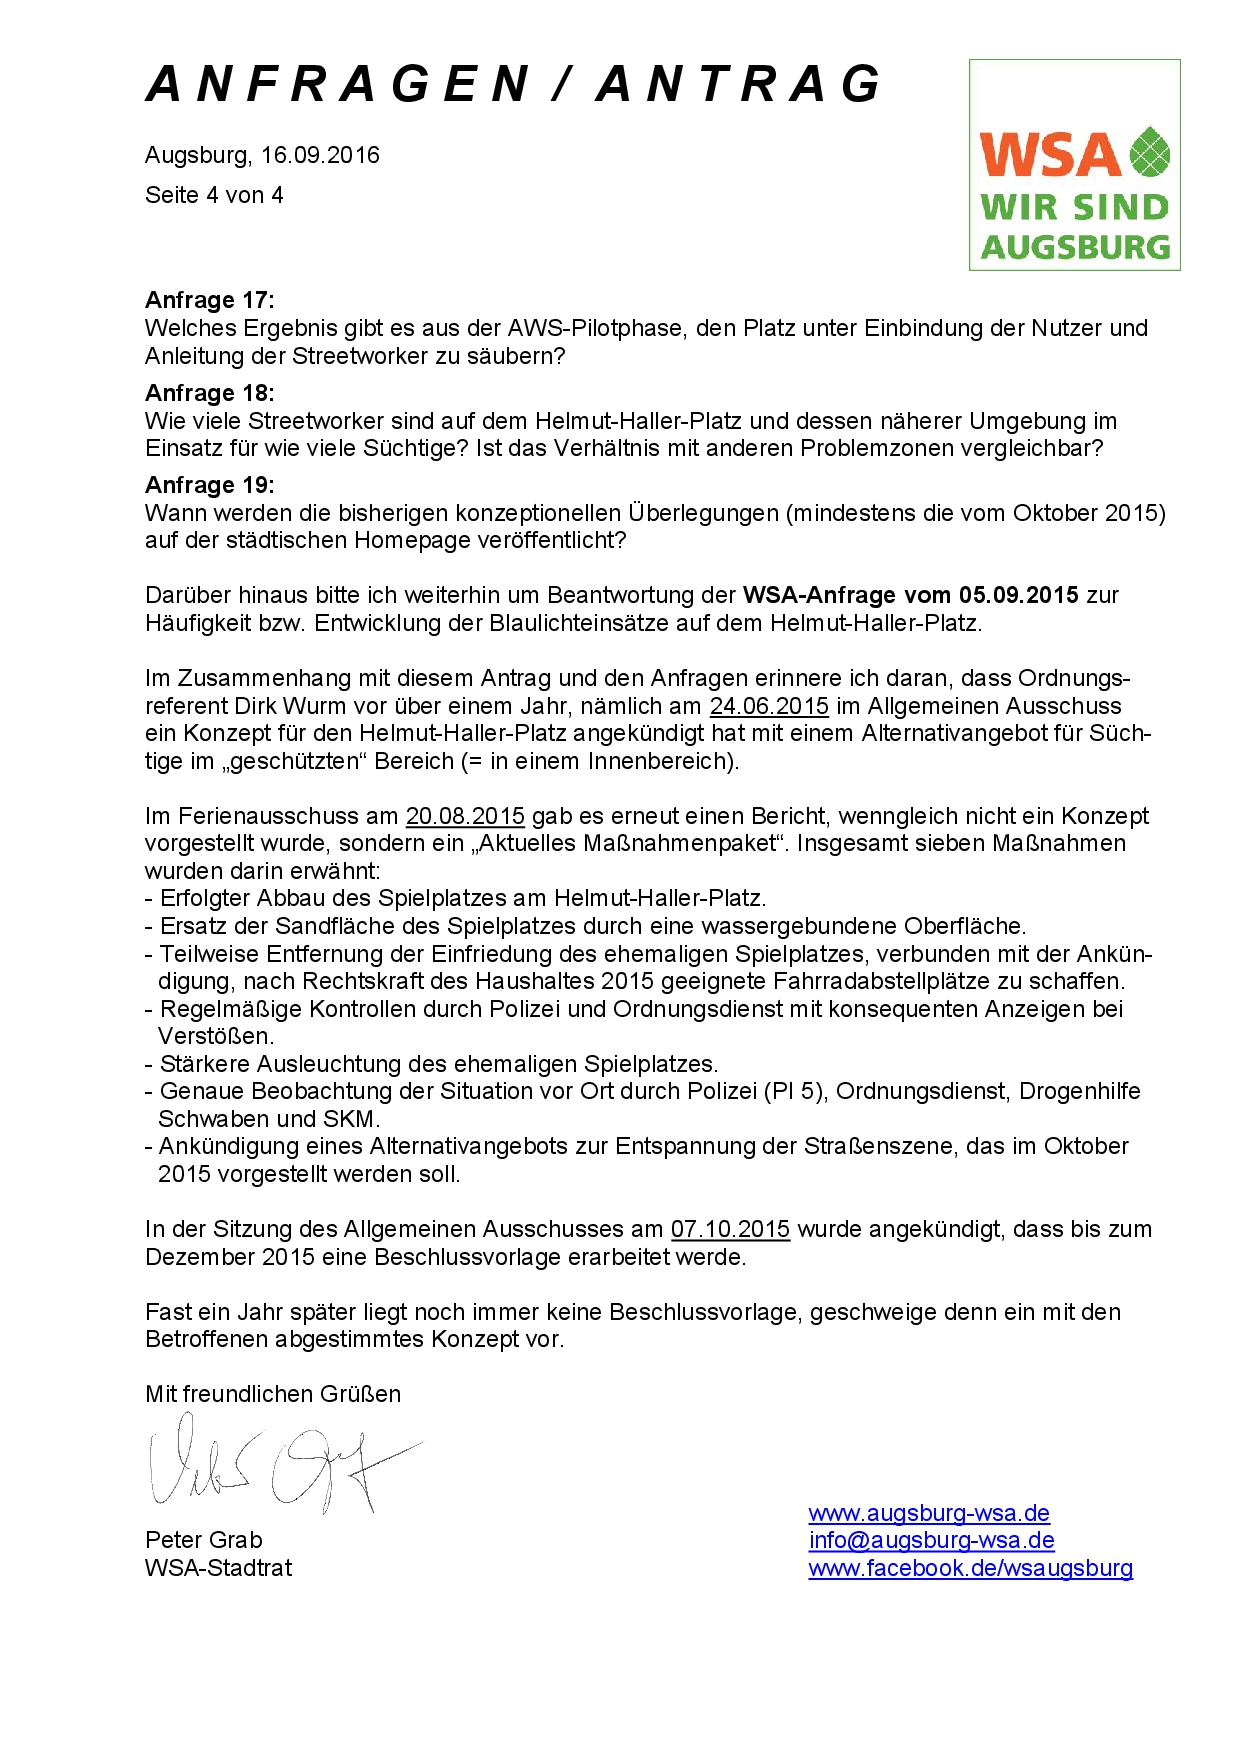 WSA-Antrag und -Anfragen vom 16.09.2016 zum Helmut-Haller-Platz, Seite 4